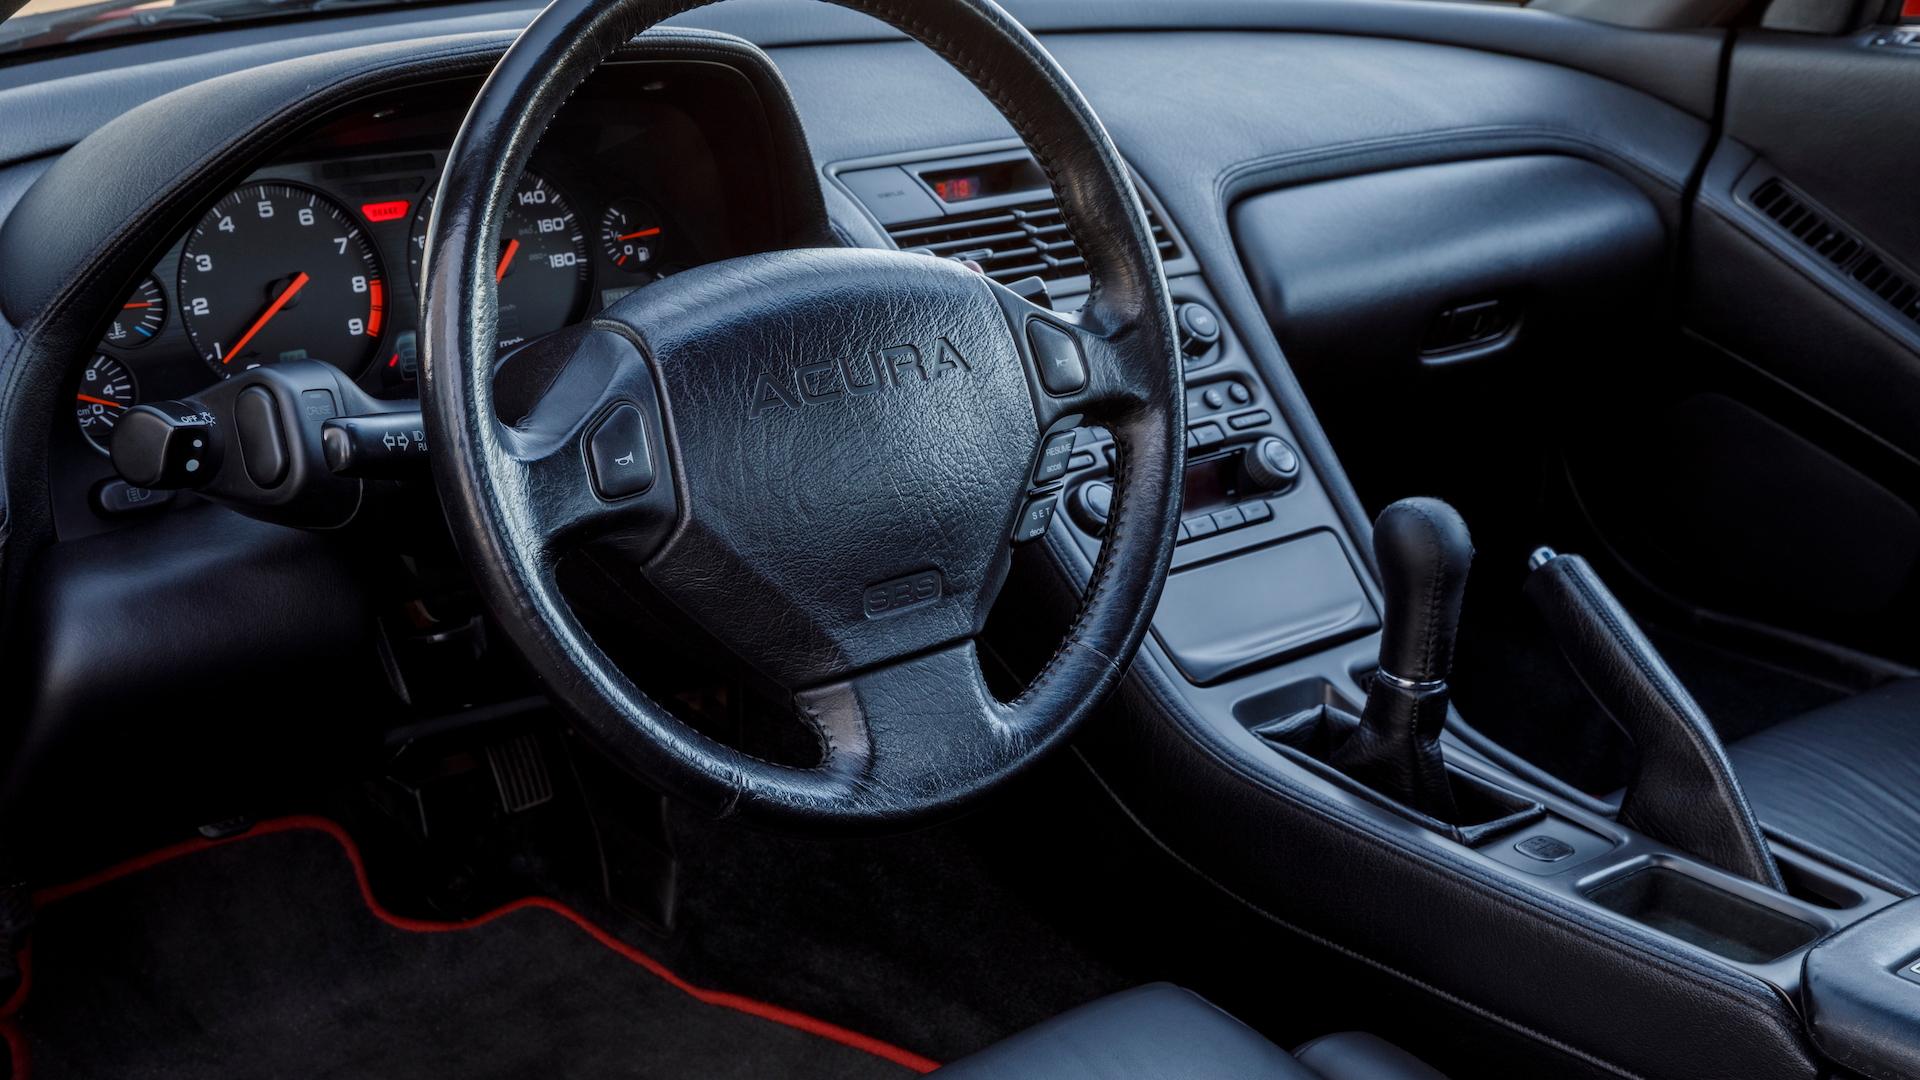 1991 Acura NSX interior